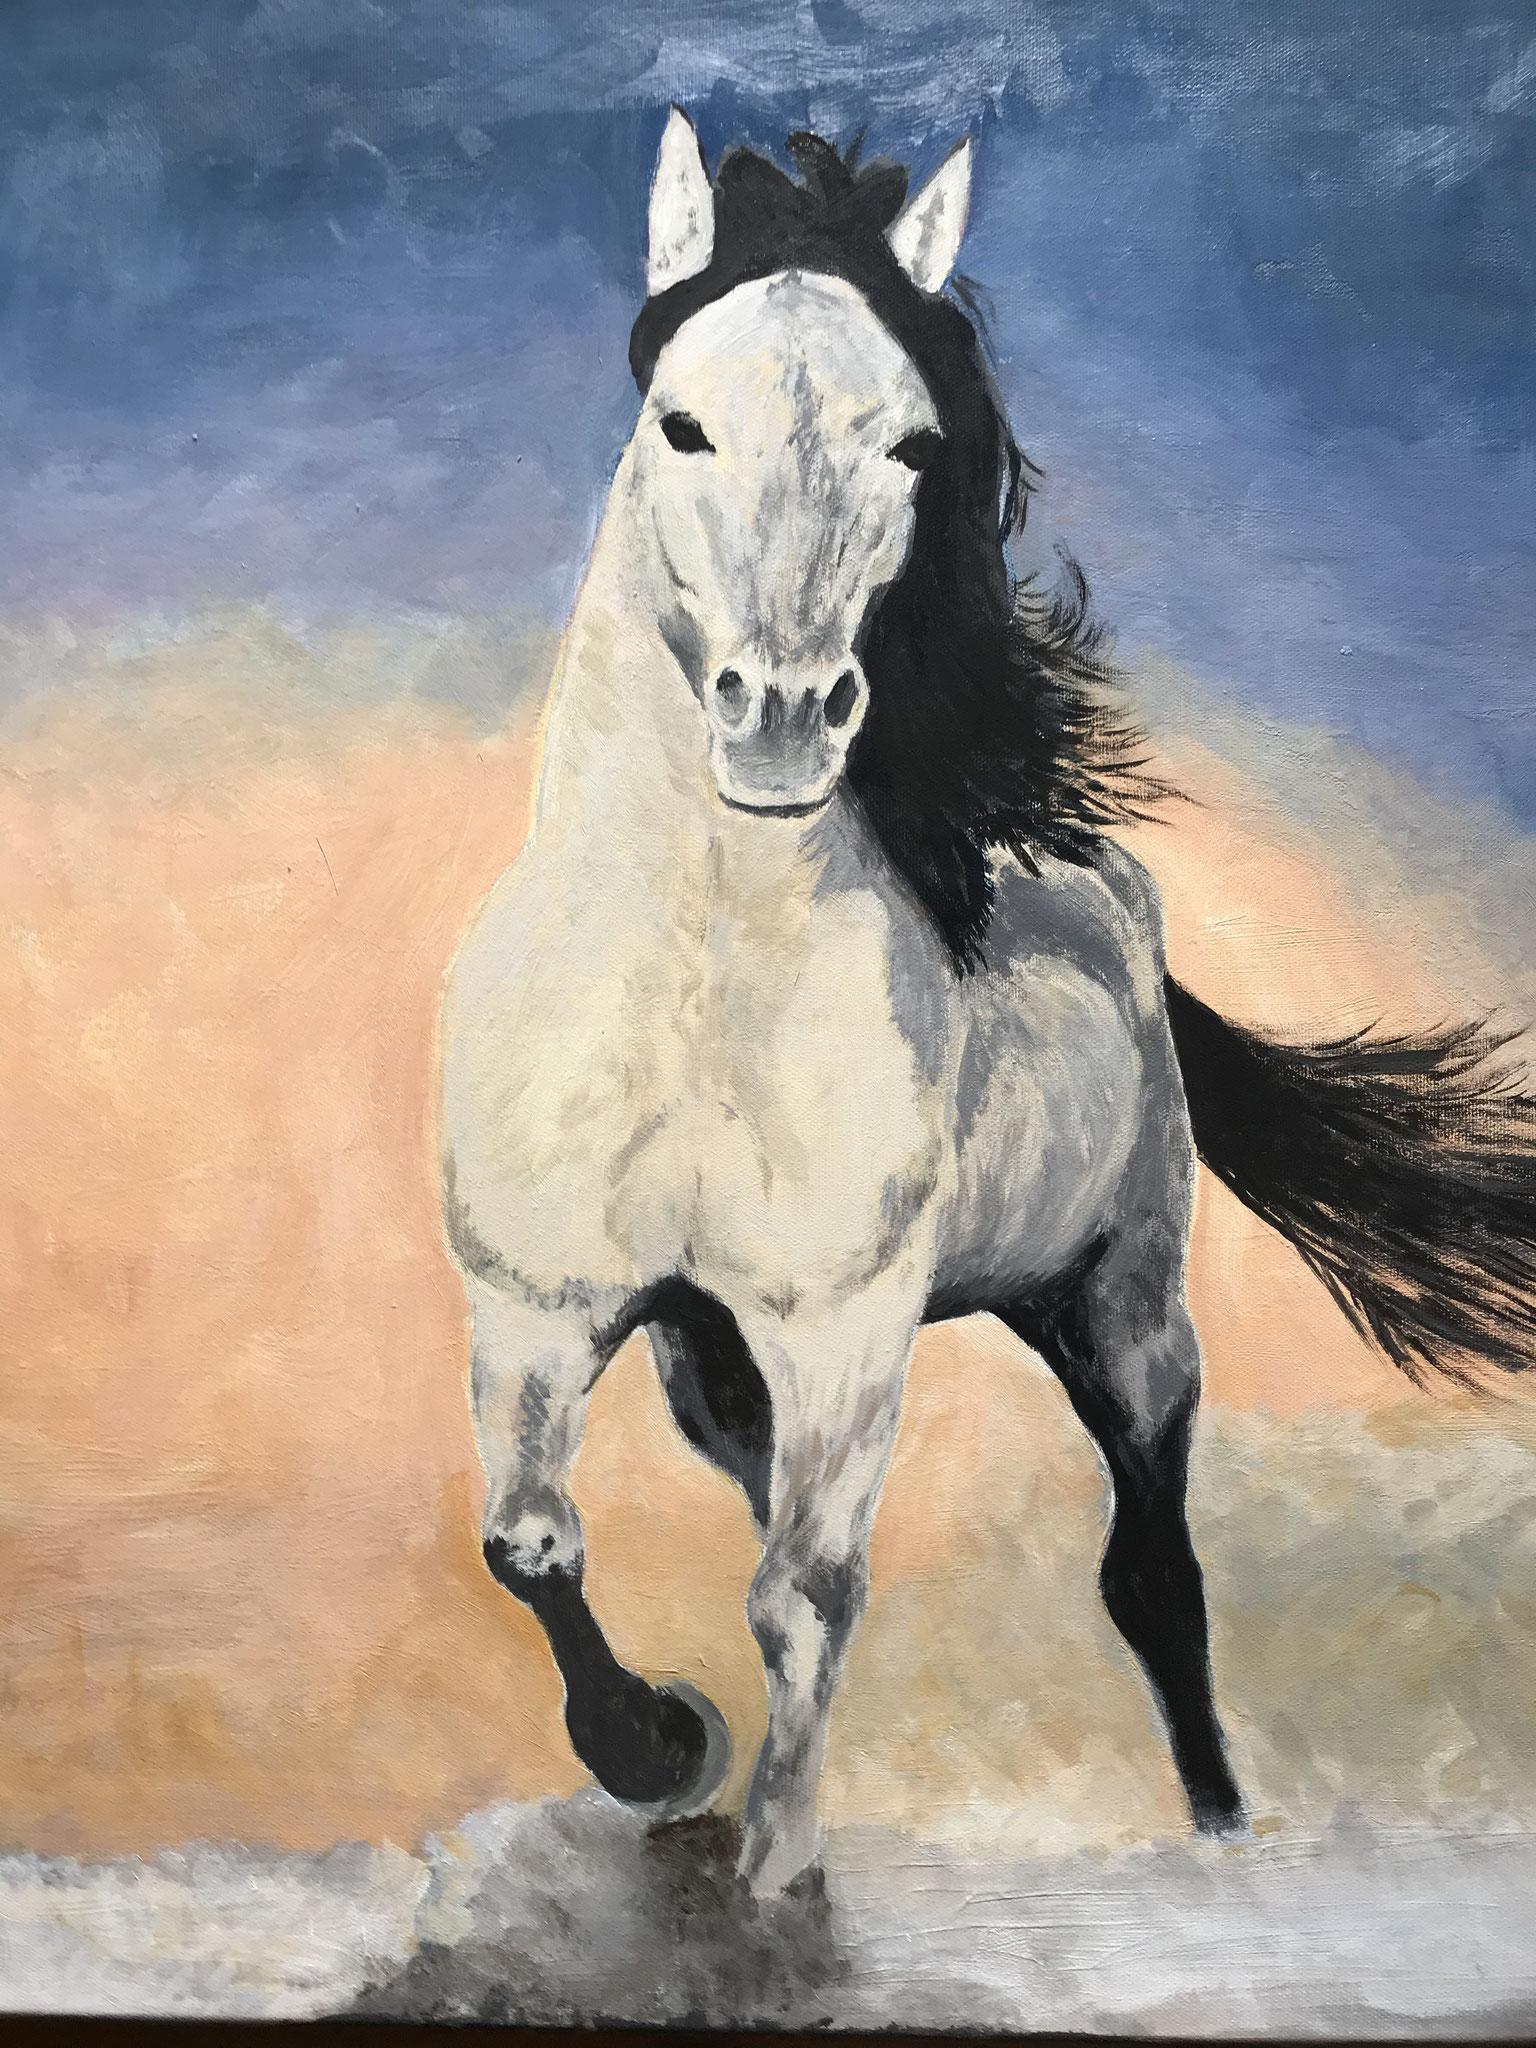 Galoppierendes Pferd (Interpretation nach einem Foto aus dem Internet)